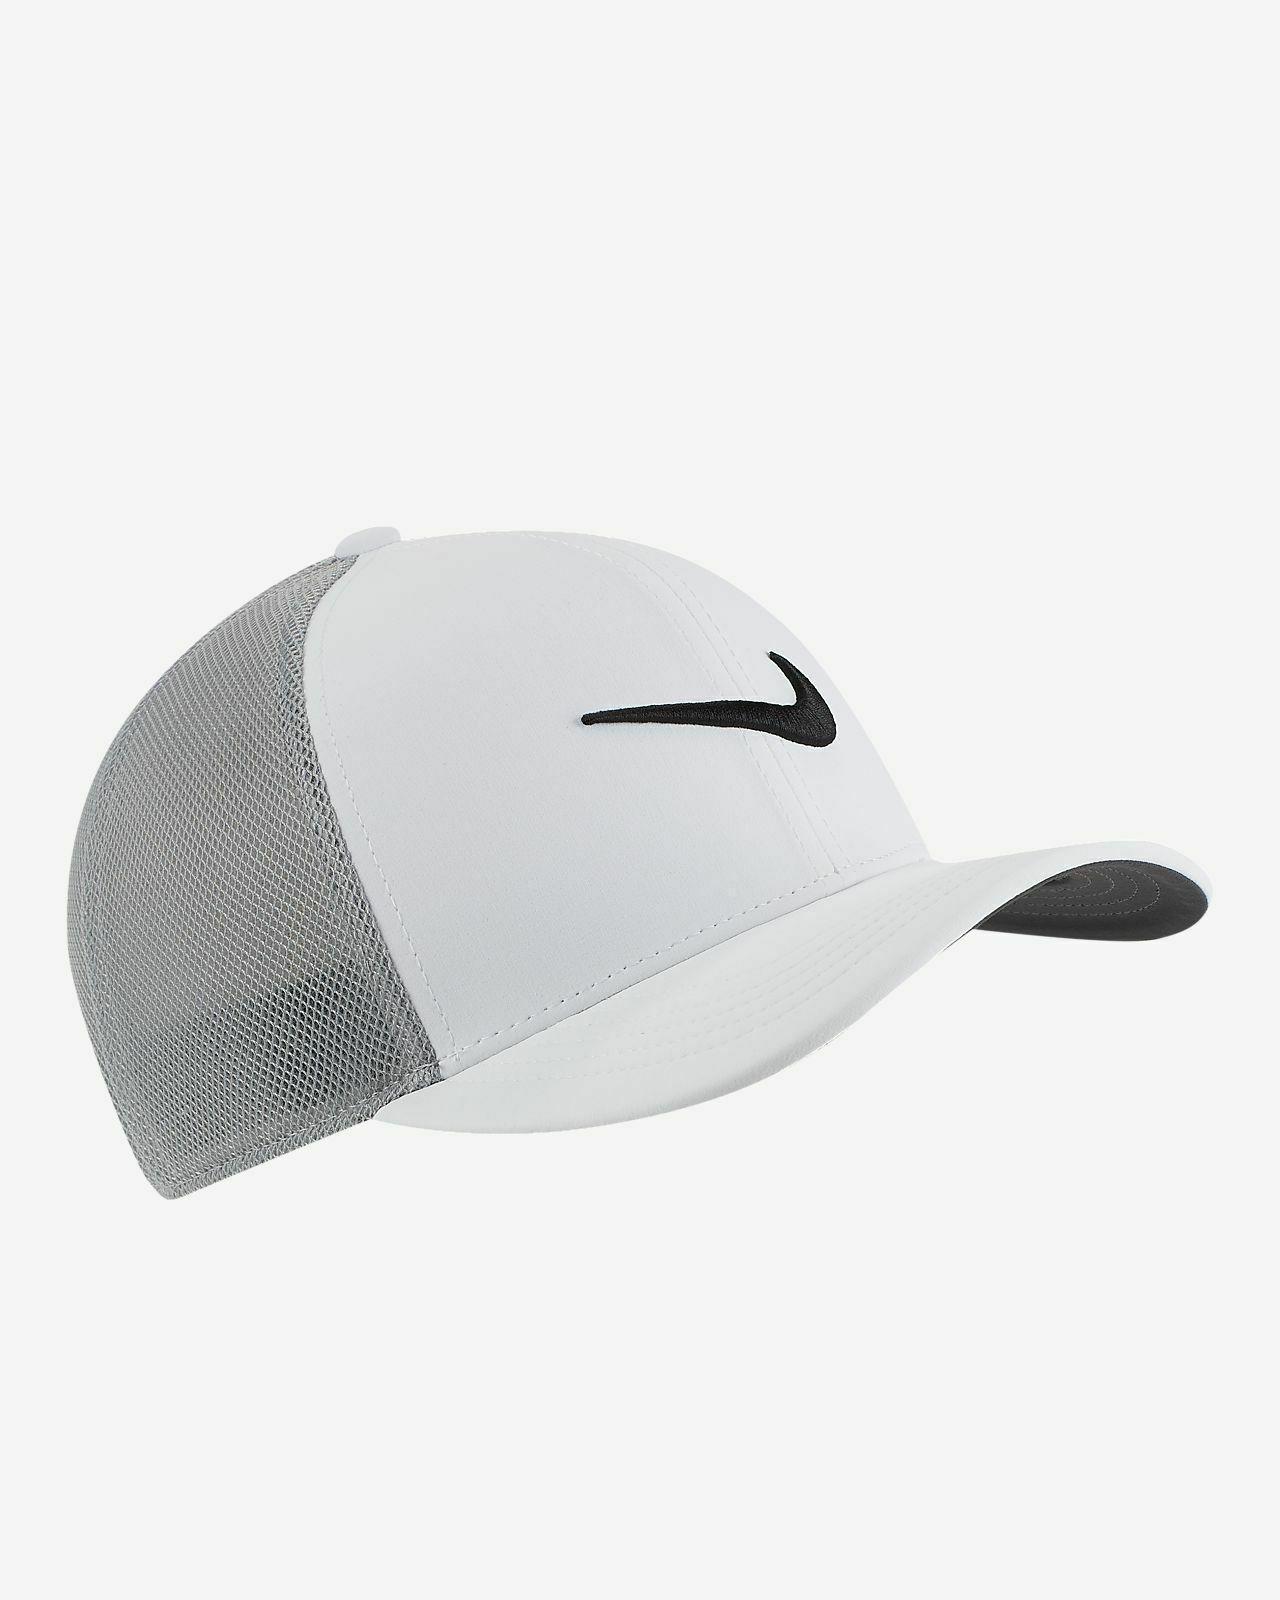 New Nike 99 Mesh Golf AJ5451 100 473 455